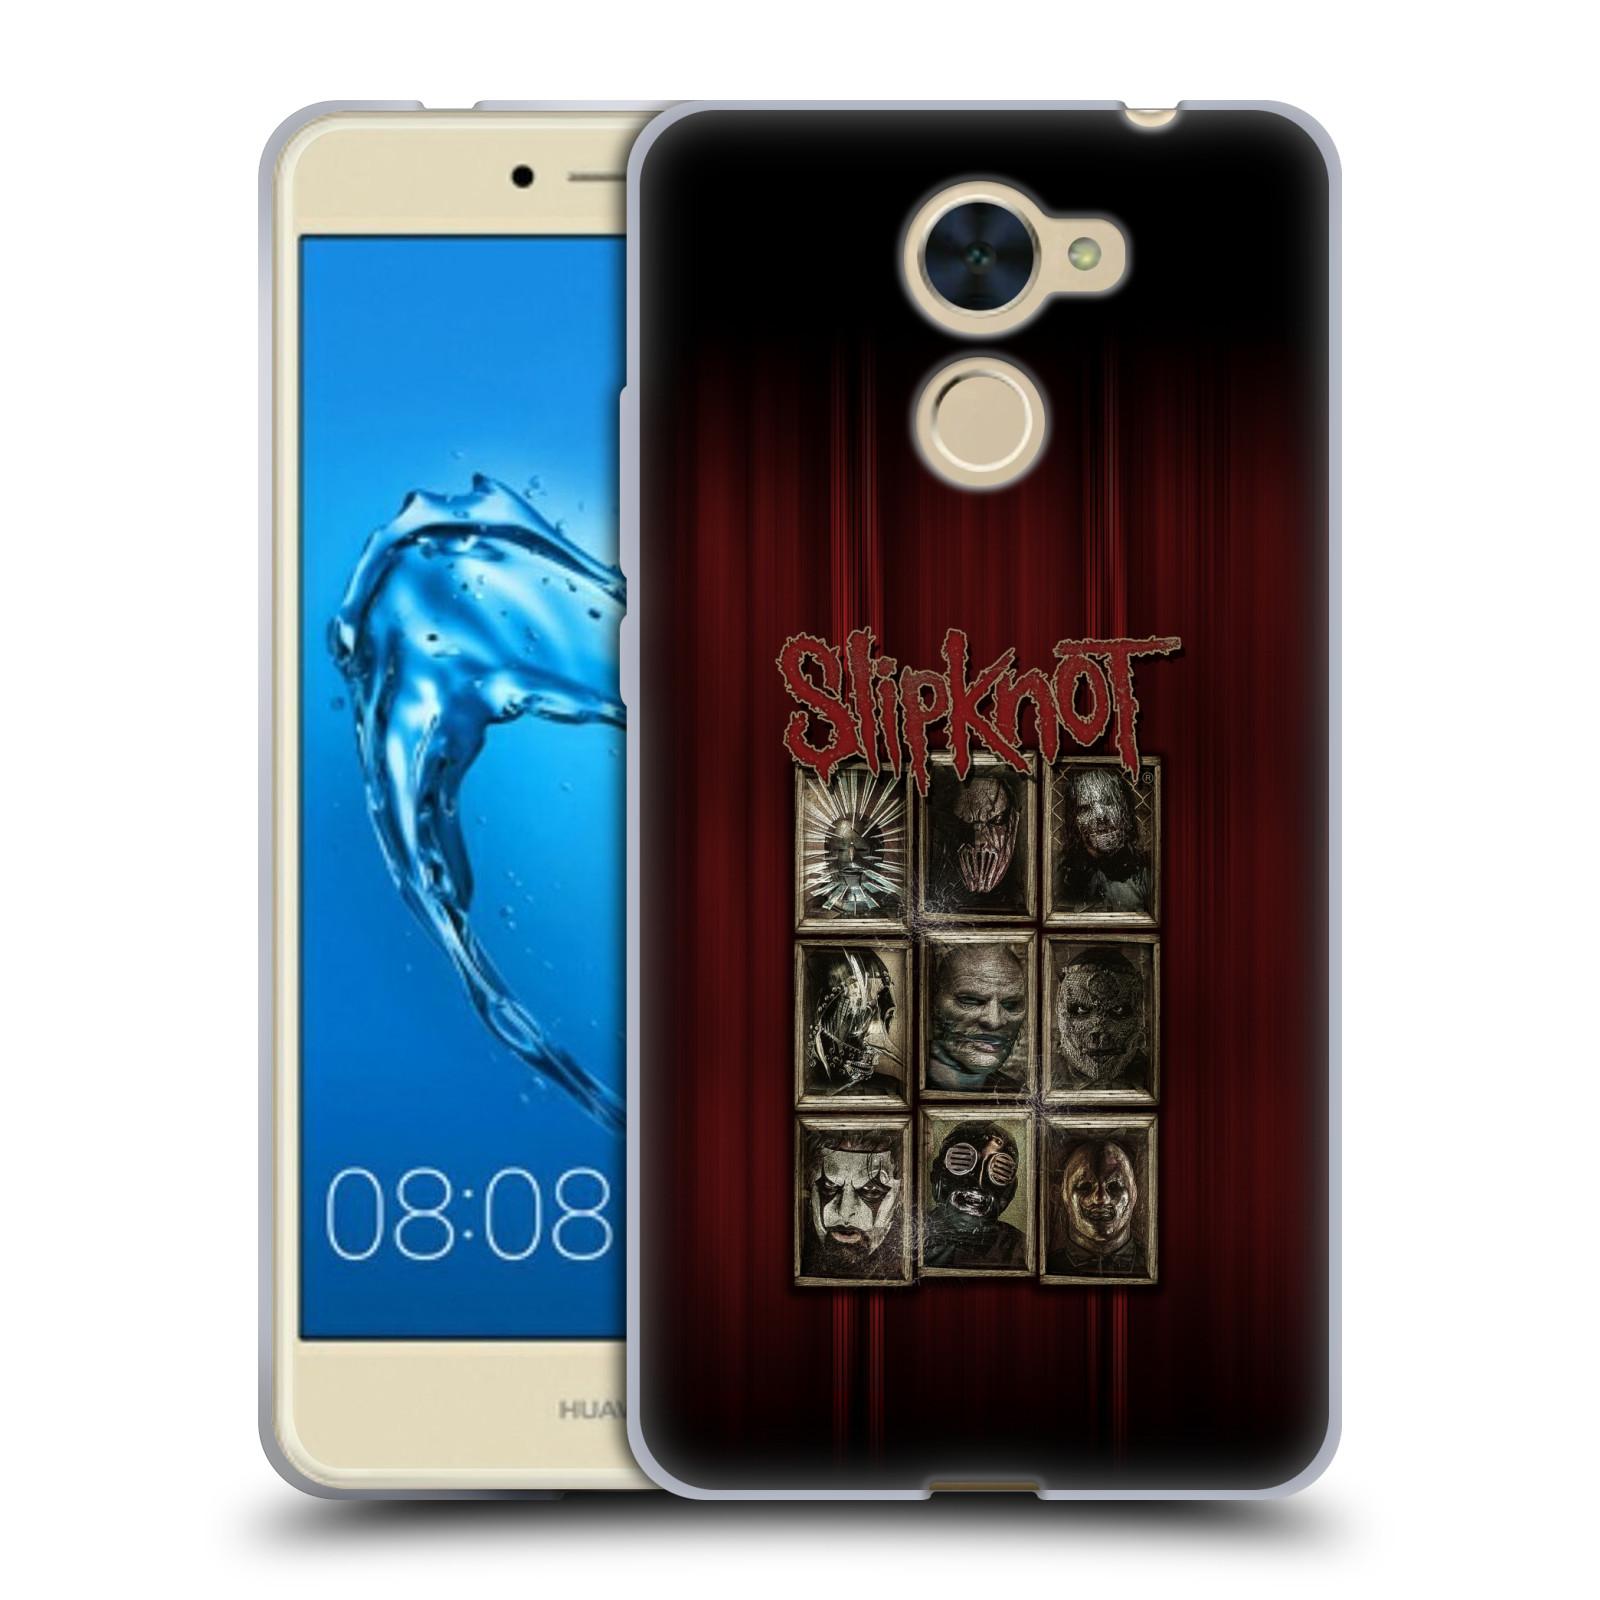 Silikonové pouzdro na mobil Huawei Y7 - Head Case - Slipknot - Masky (Silikonový kryt či obal na mobilní telefon Huawei Y7 / Huawei Y7 Prime (pouzdro má výřez na čtečku prstů, kterou obsahují některé verze) s motivem Slipknot - Masky)